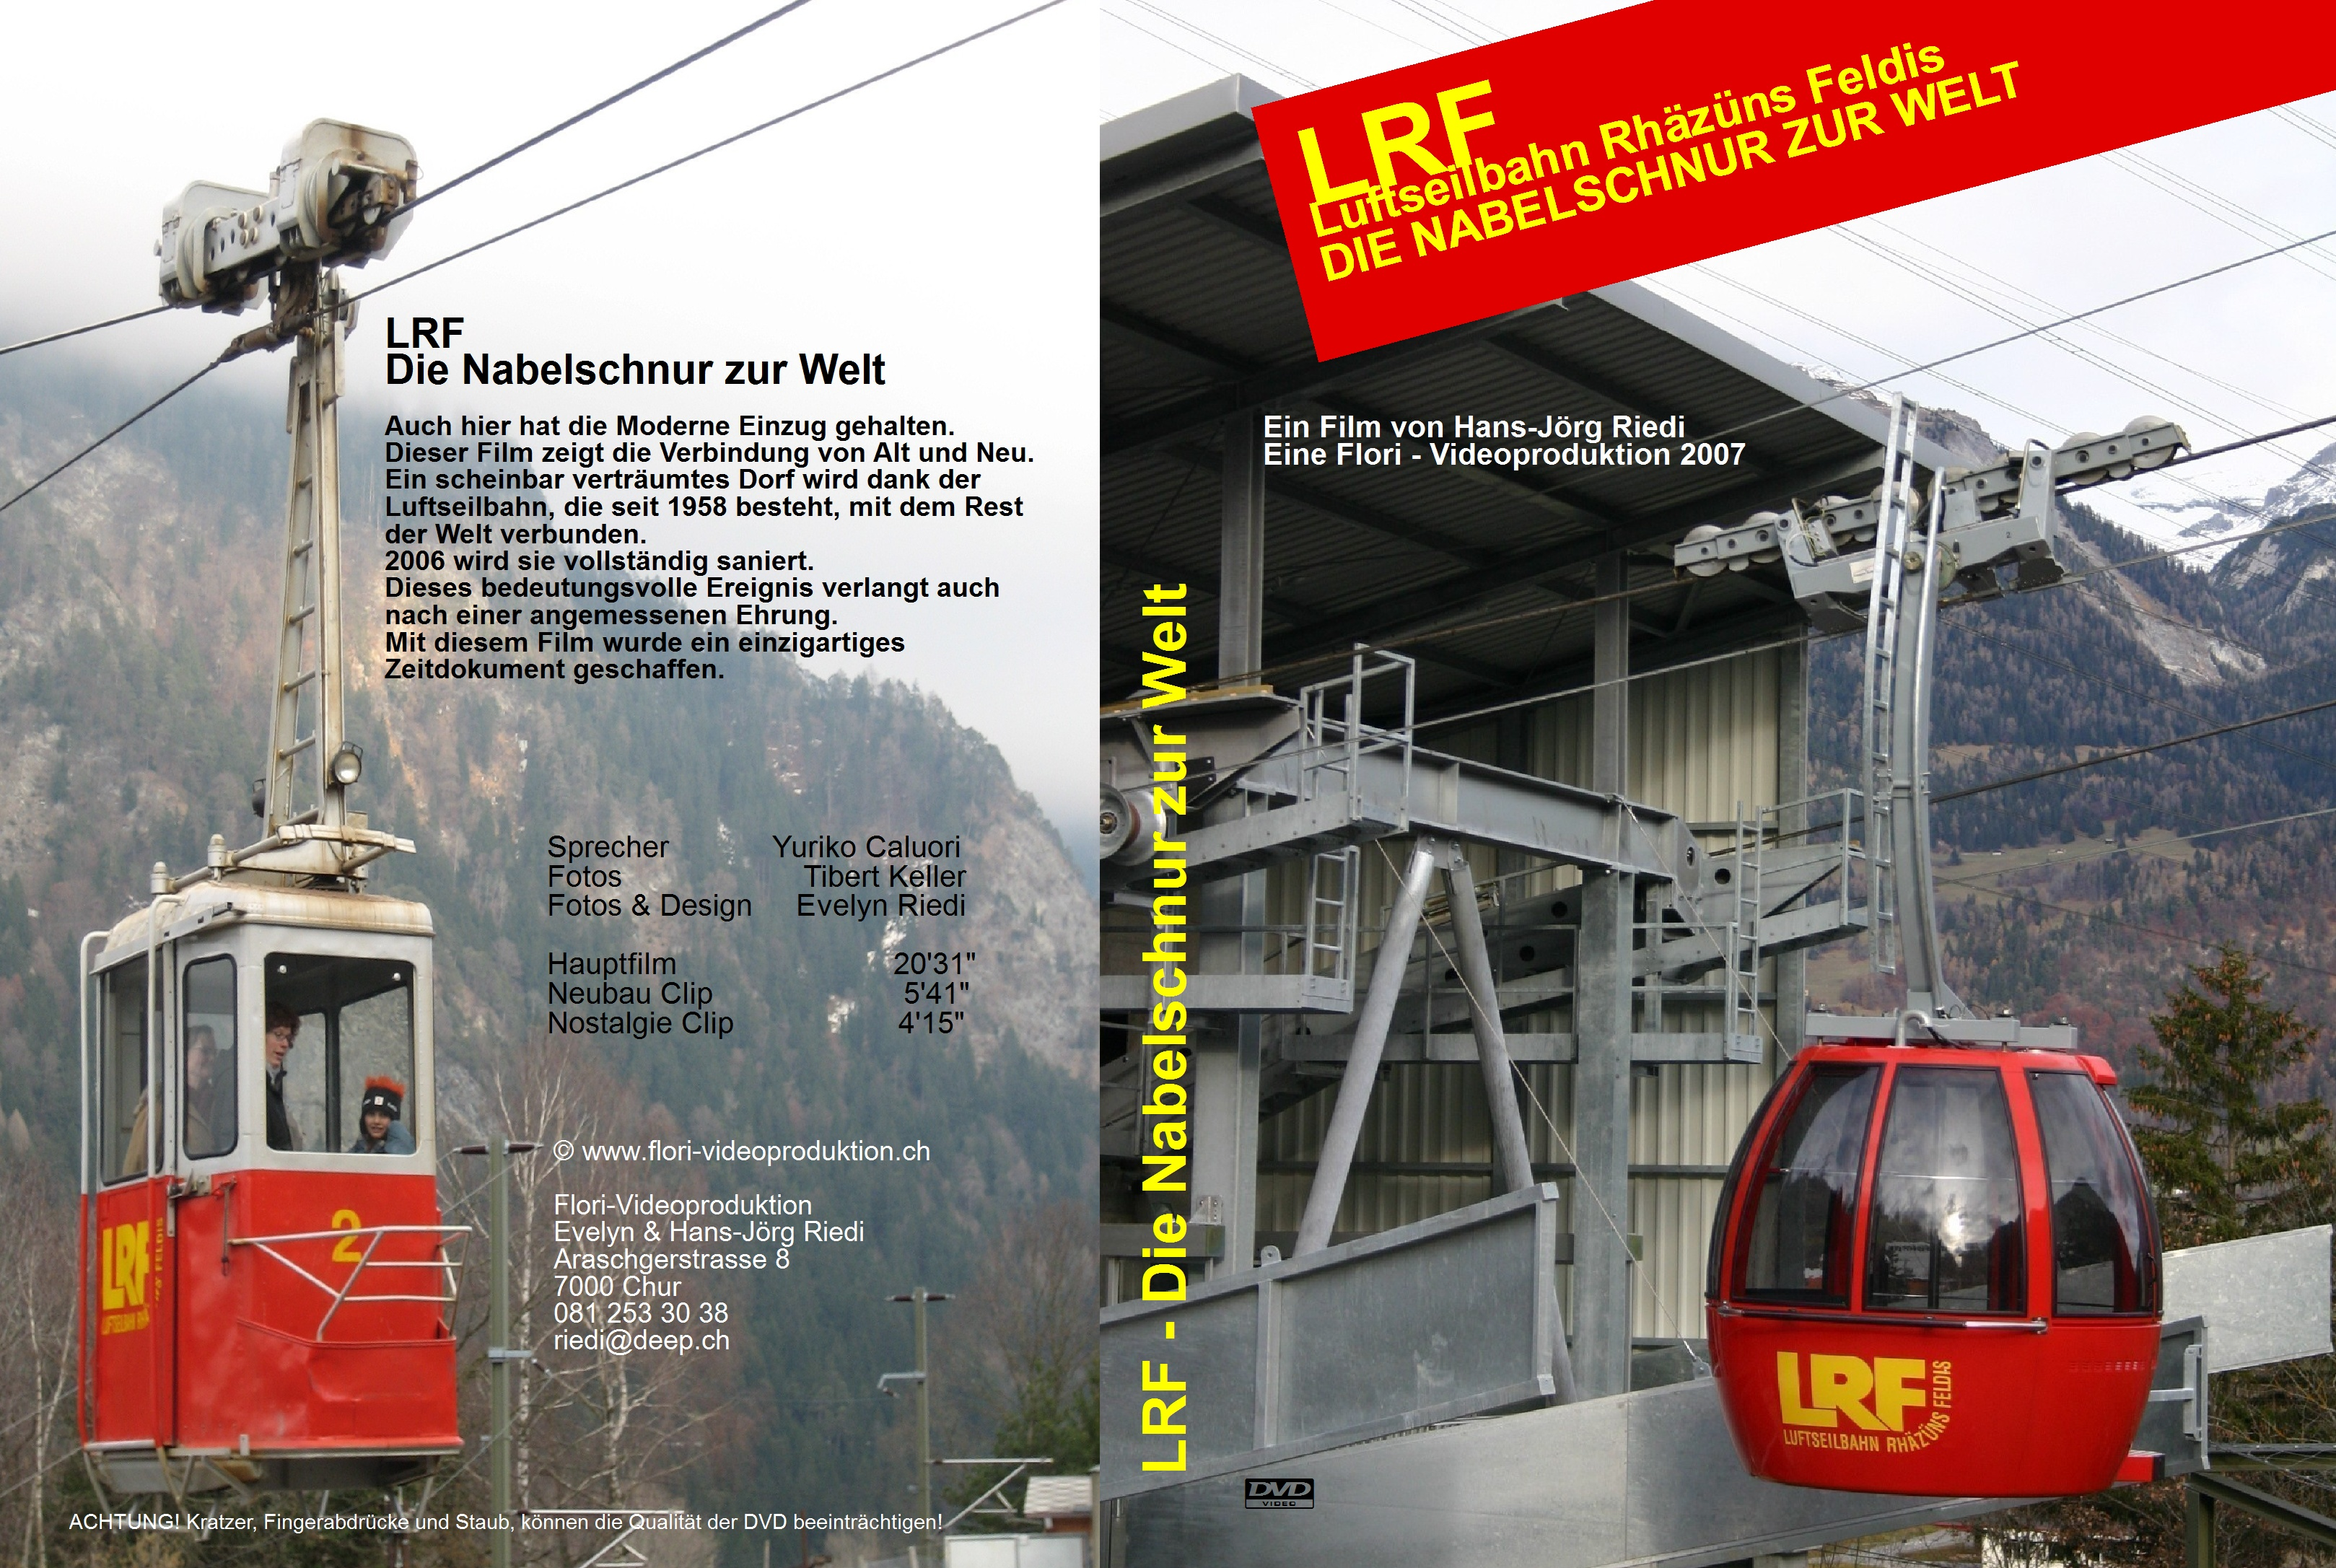 LRF - Die Nabelschnur zur Welt